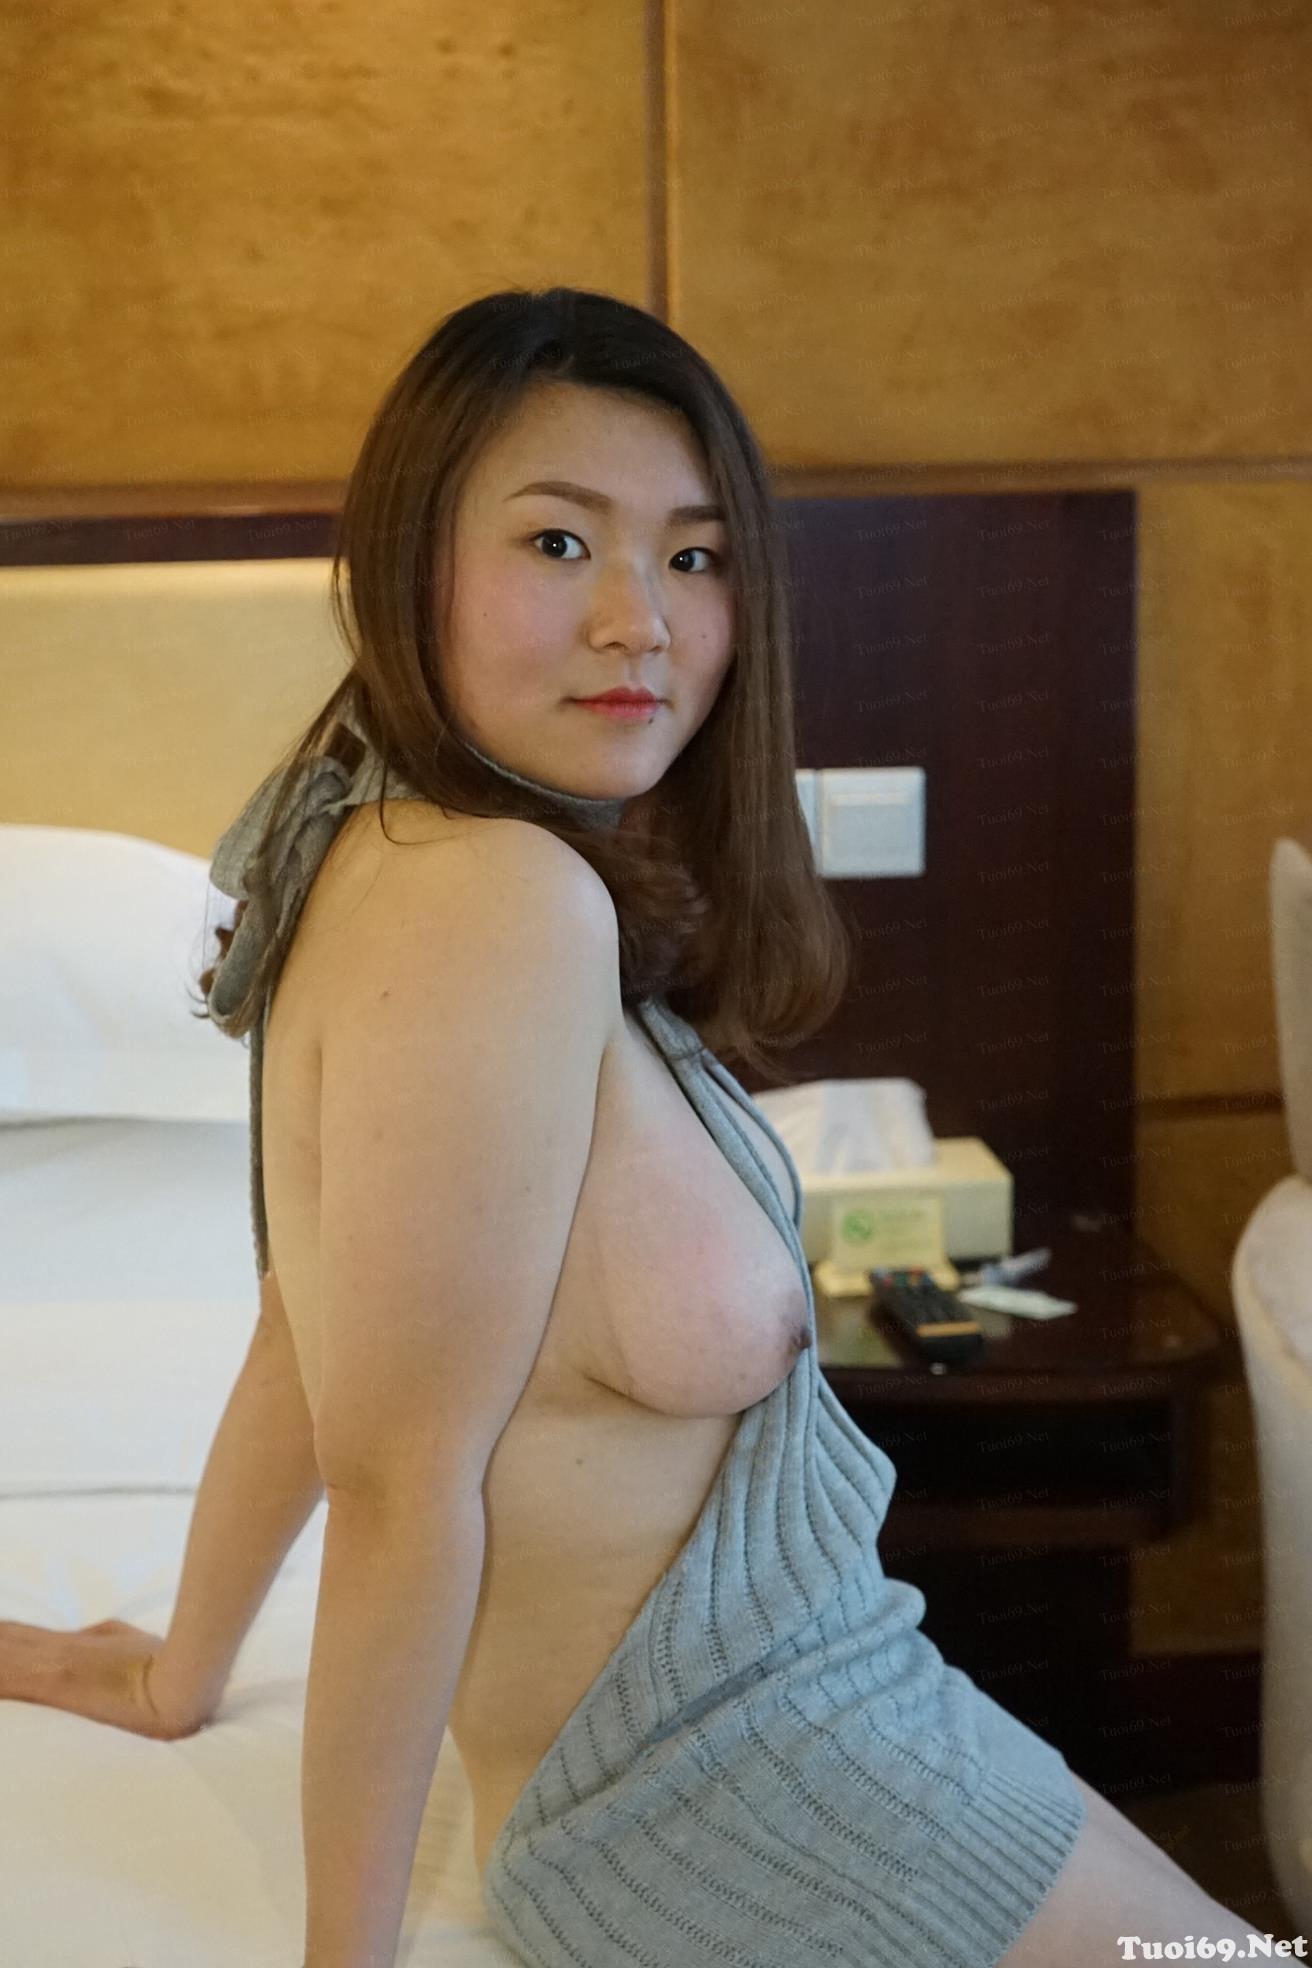 tuoi69net-anh-doc-cua-em-gai-dam-liangjia-tai-nha-rieng-bi-phat-tan-44